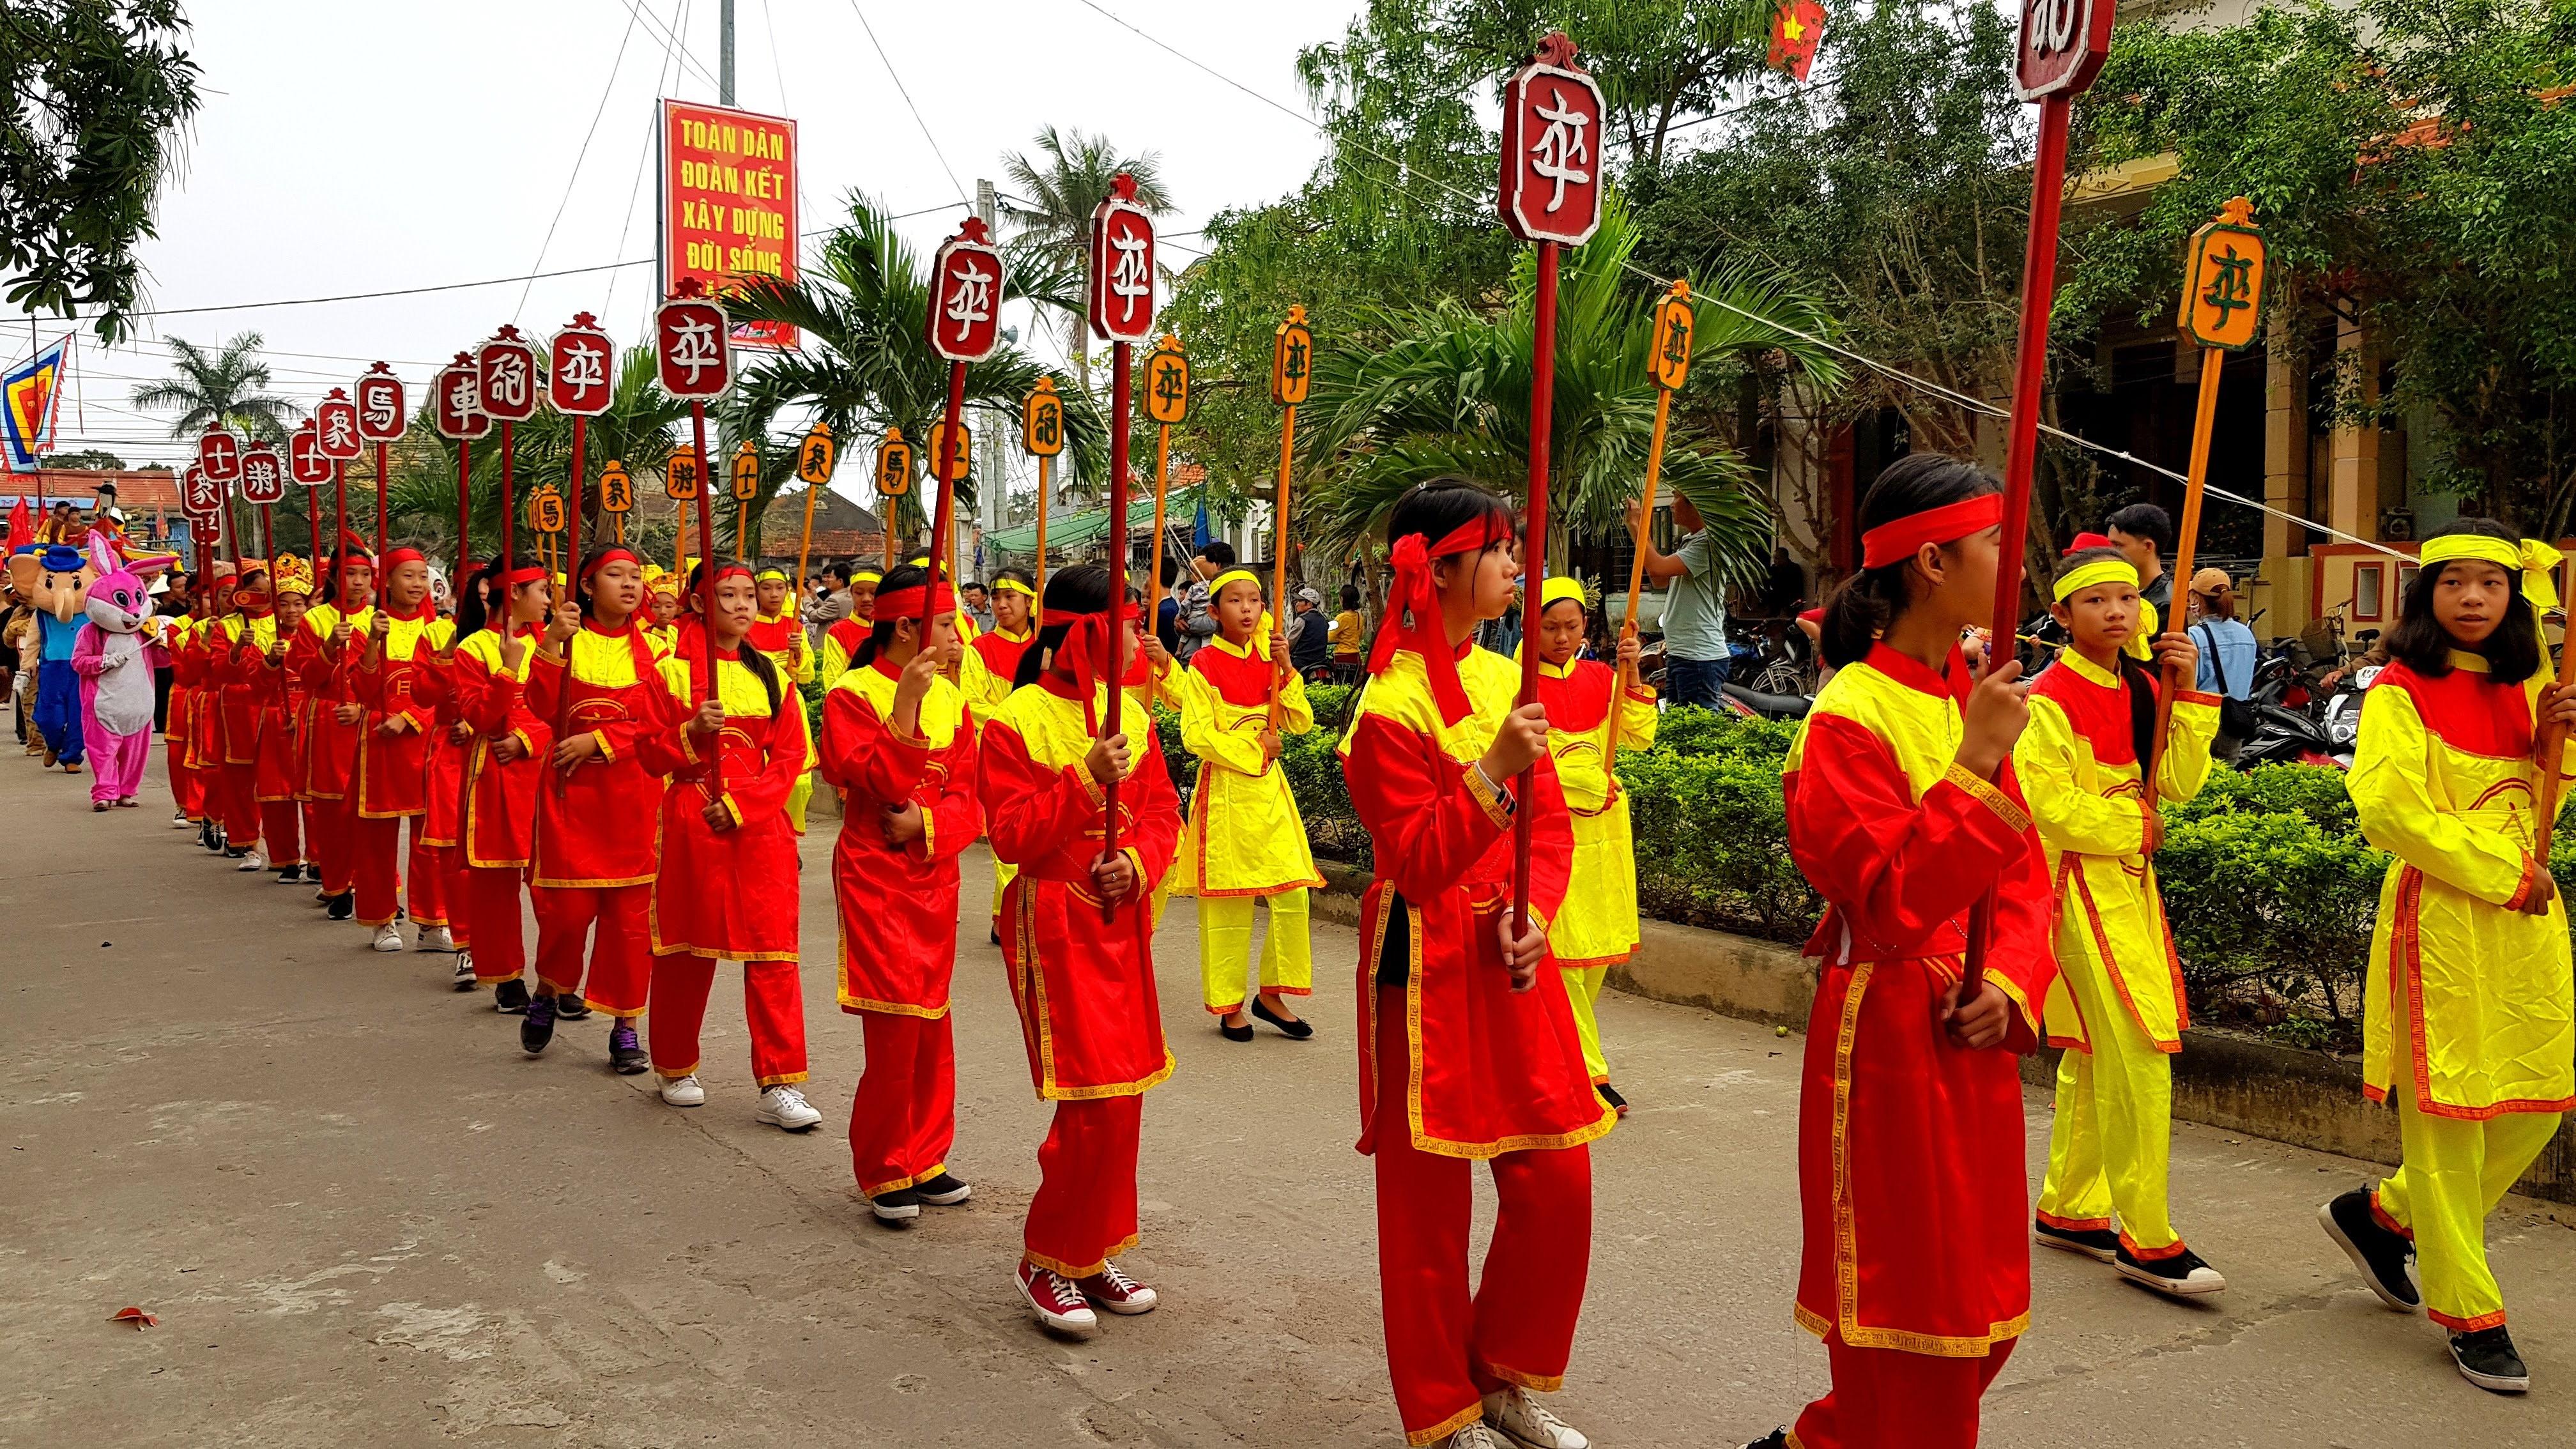 Lễ hội Cầu ngư Quảng Bình là Di sản văn hoá phi vật thể quốc gia: Động lực phát triển du lịch